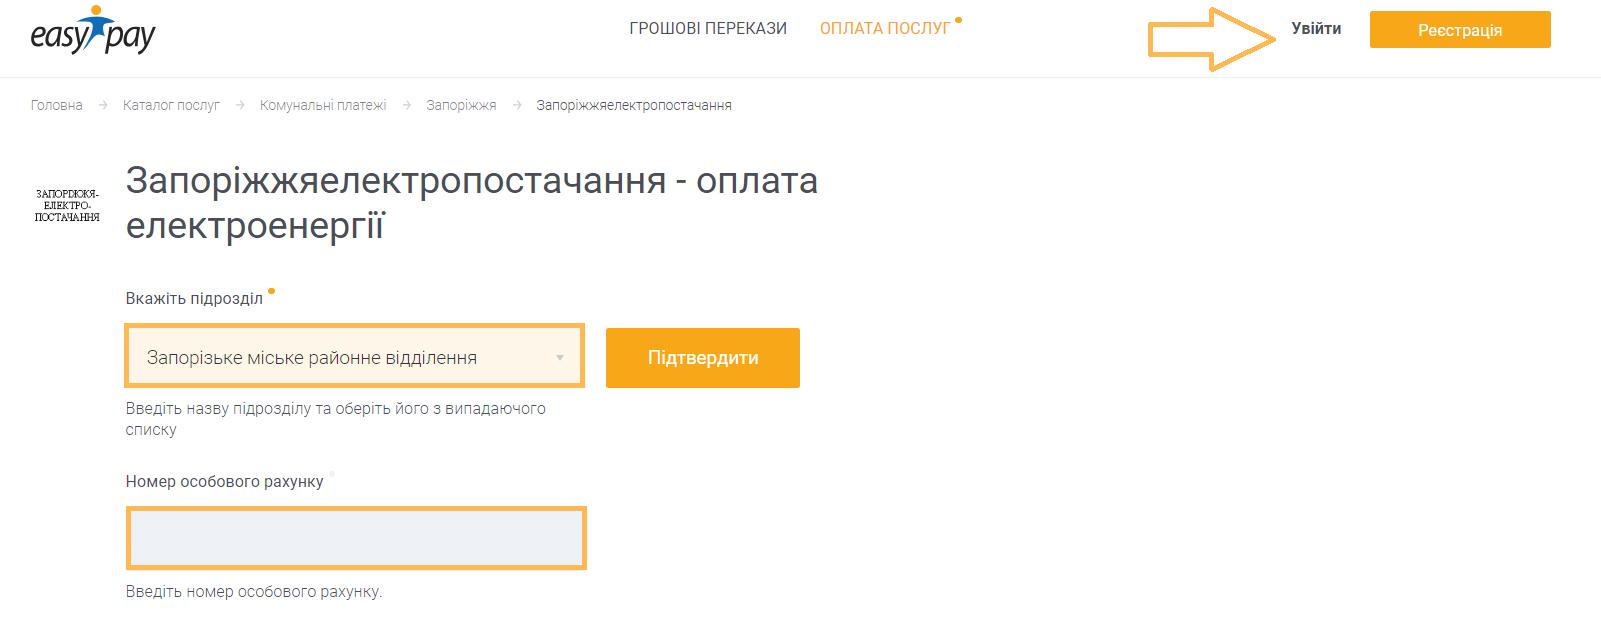 zaporozie_electro